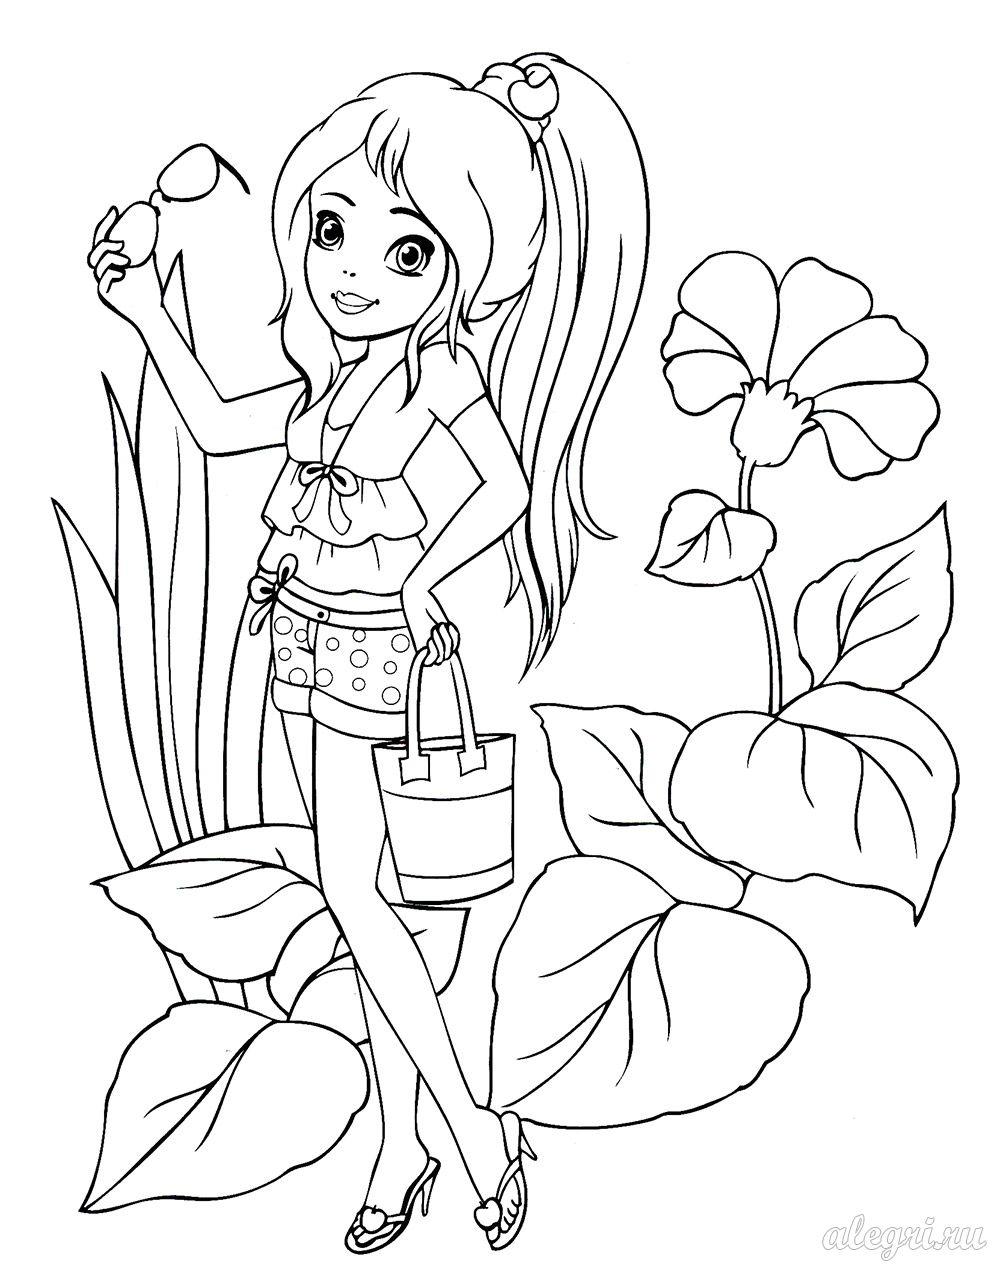 Раскраска для девочек 10-12 лет